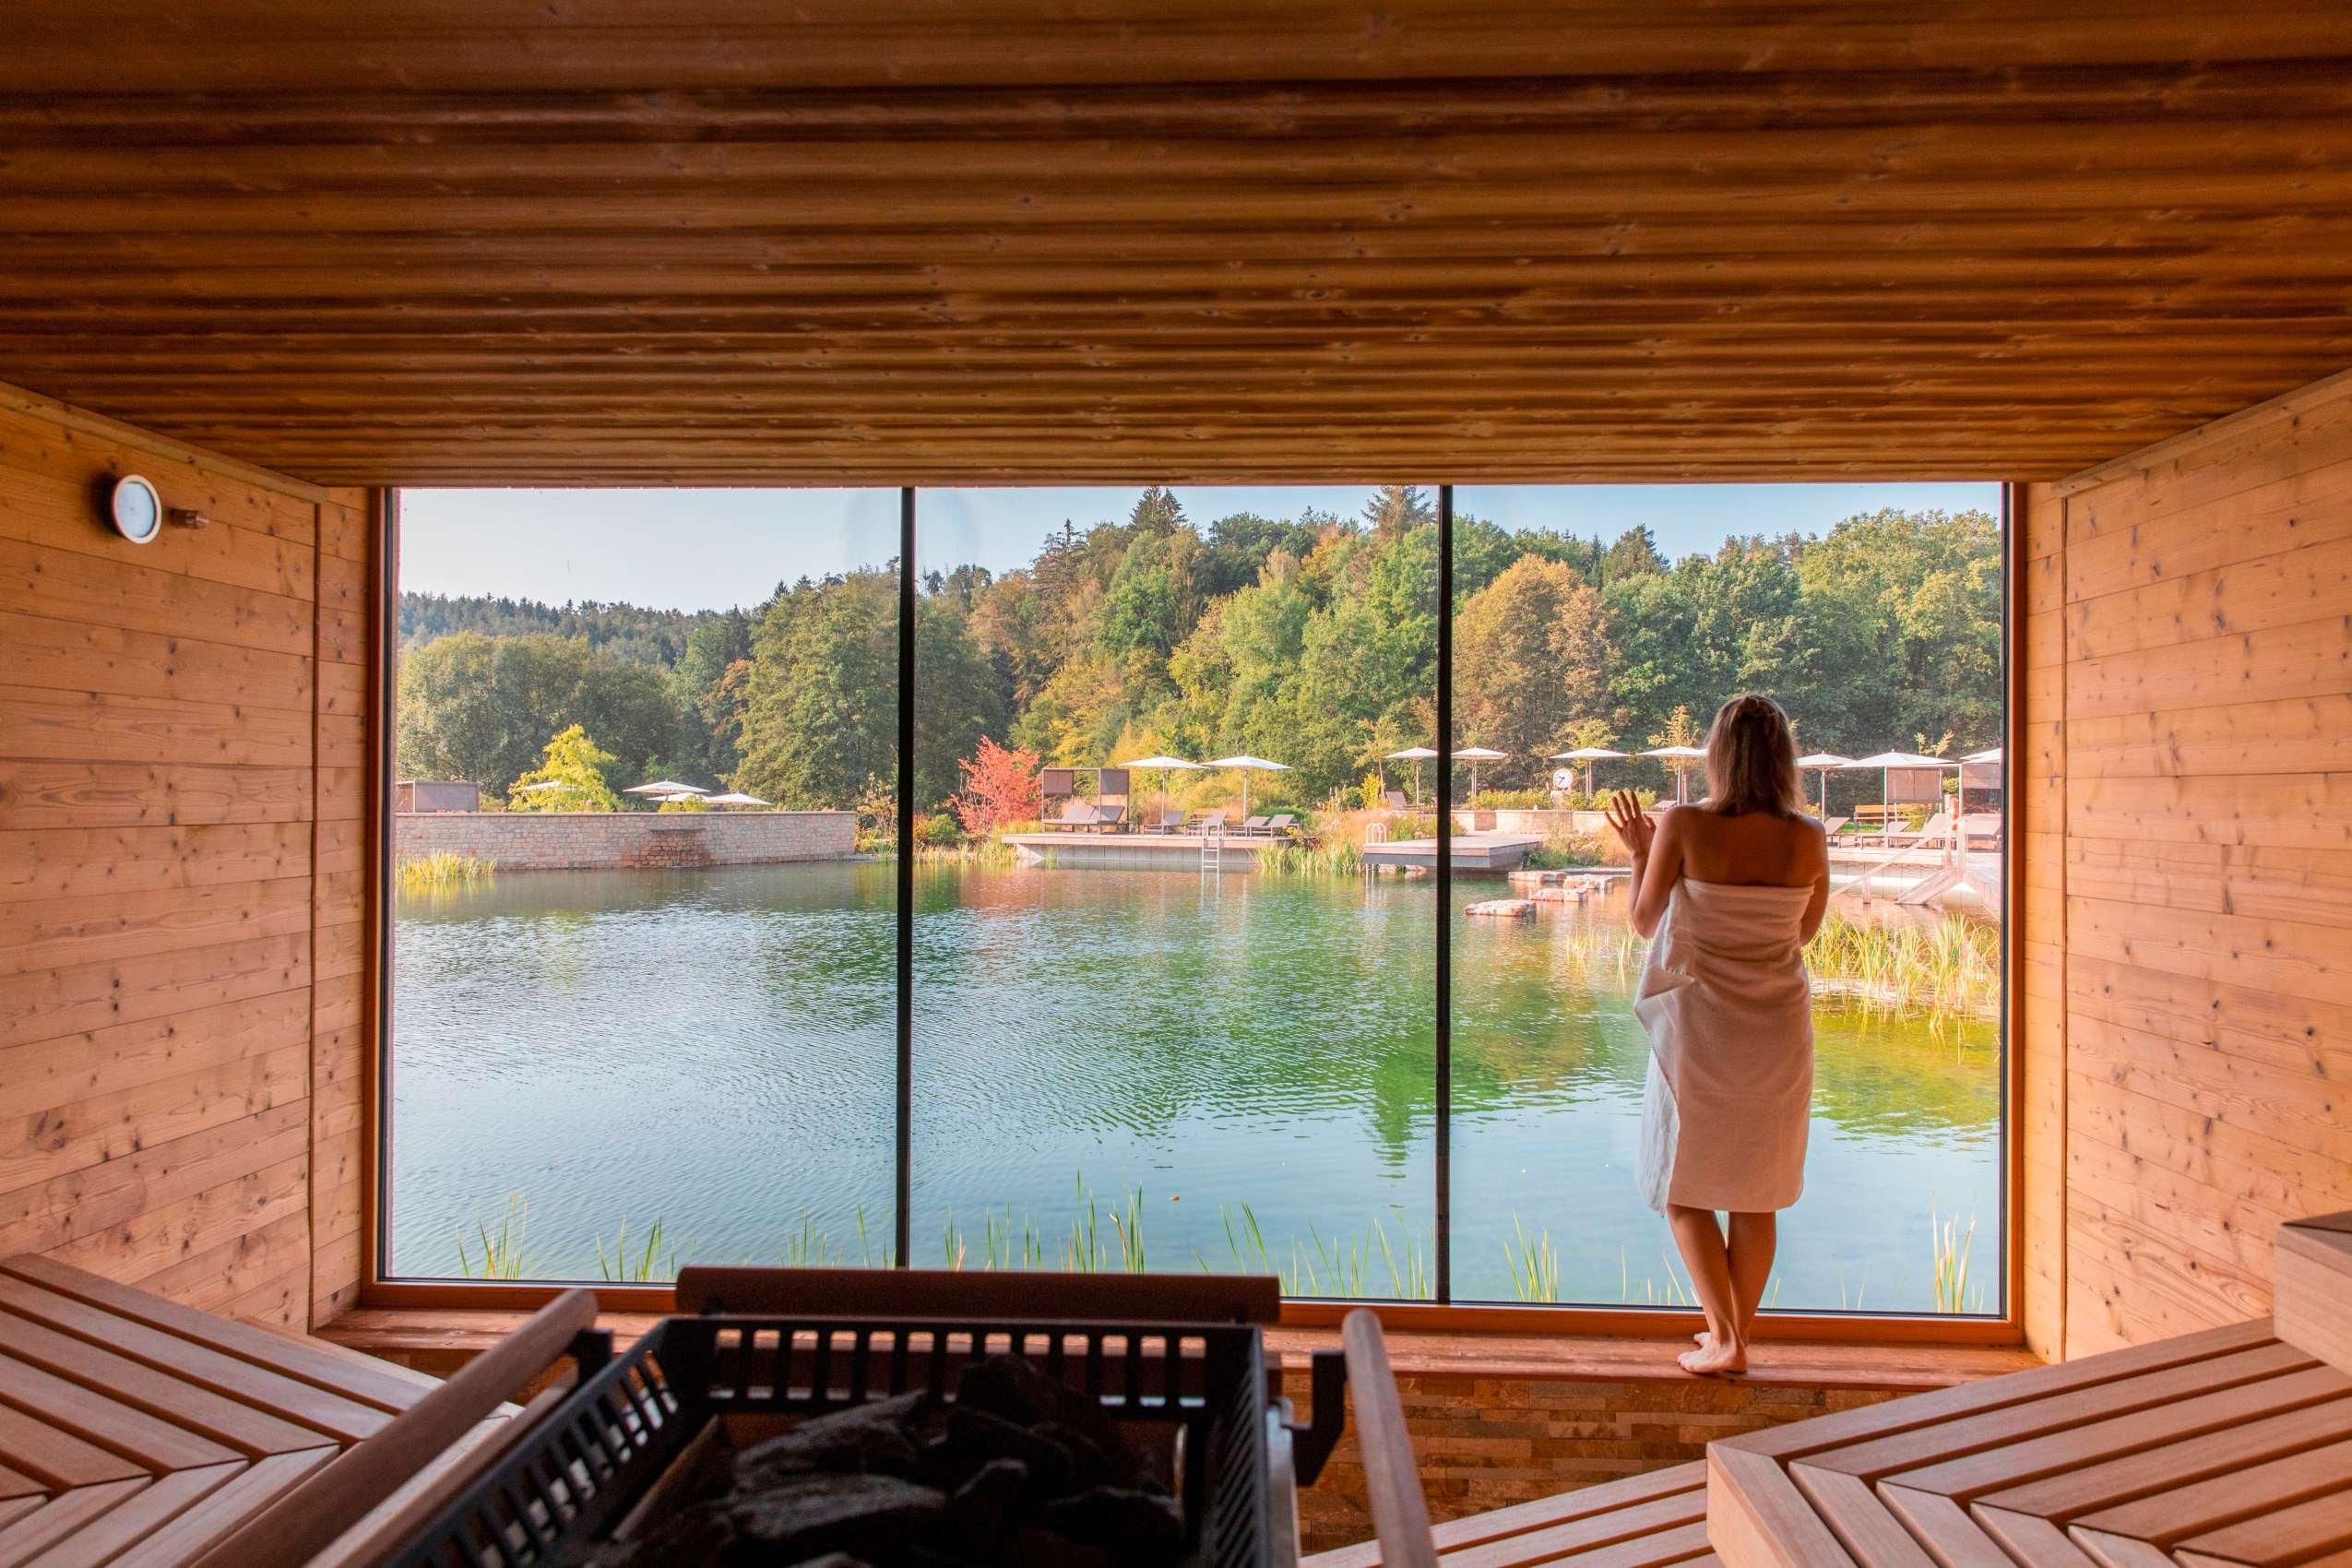 Frau-blickt-aus_Sauna_Pfalzblick